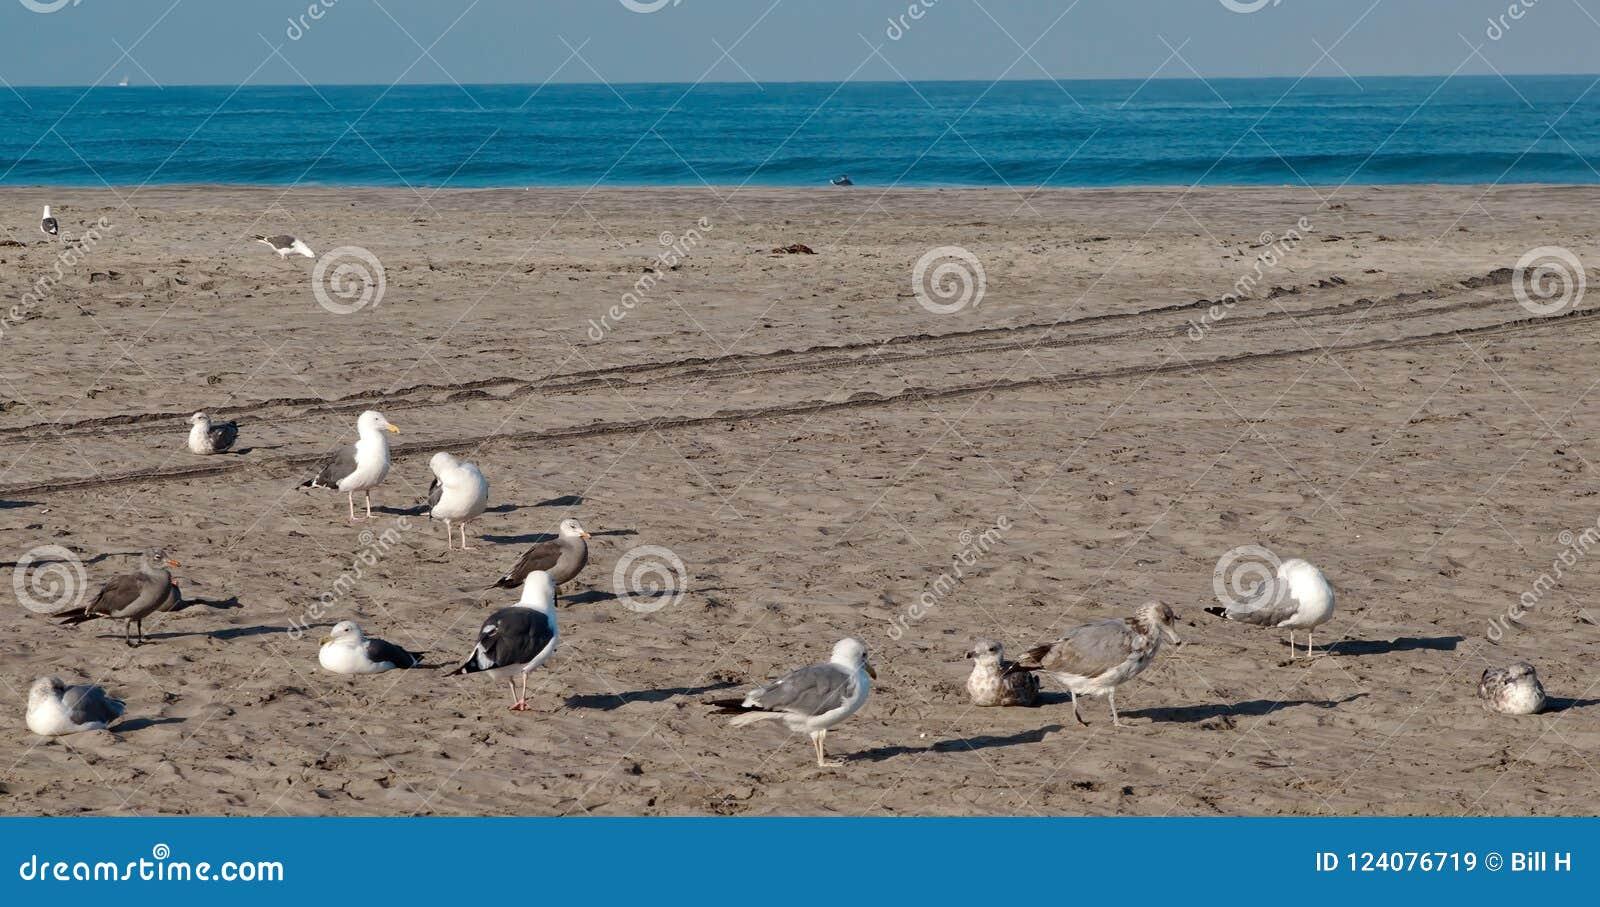 Una moltitudine di gabbiani su una spiaggia